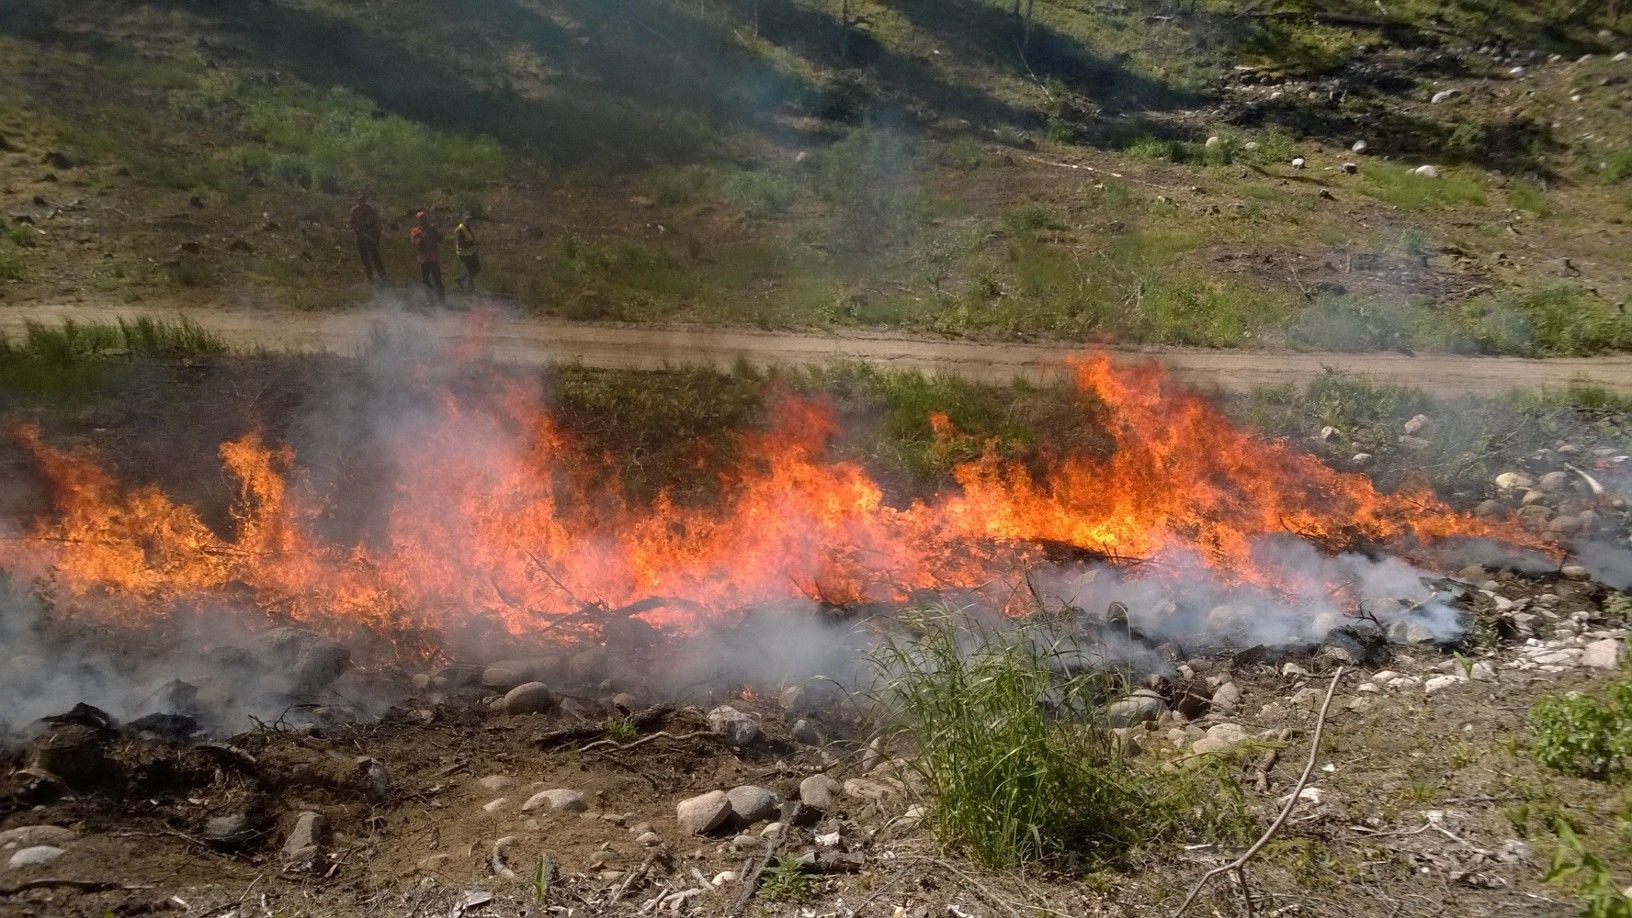 arkbränder har det funnits flera av på Rosala-Hitislandet.